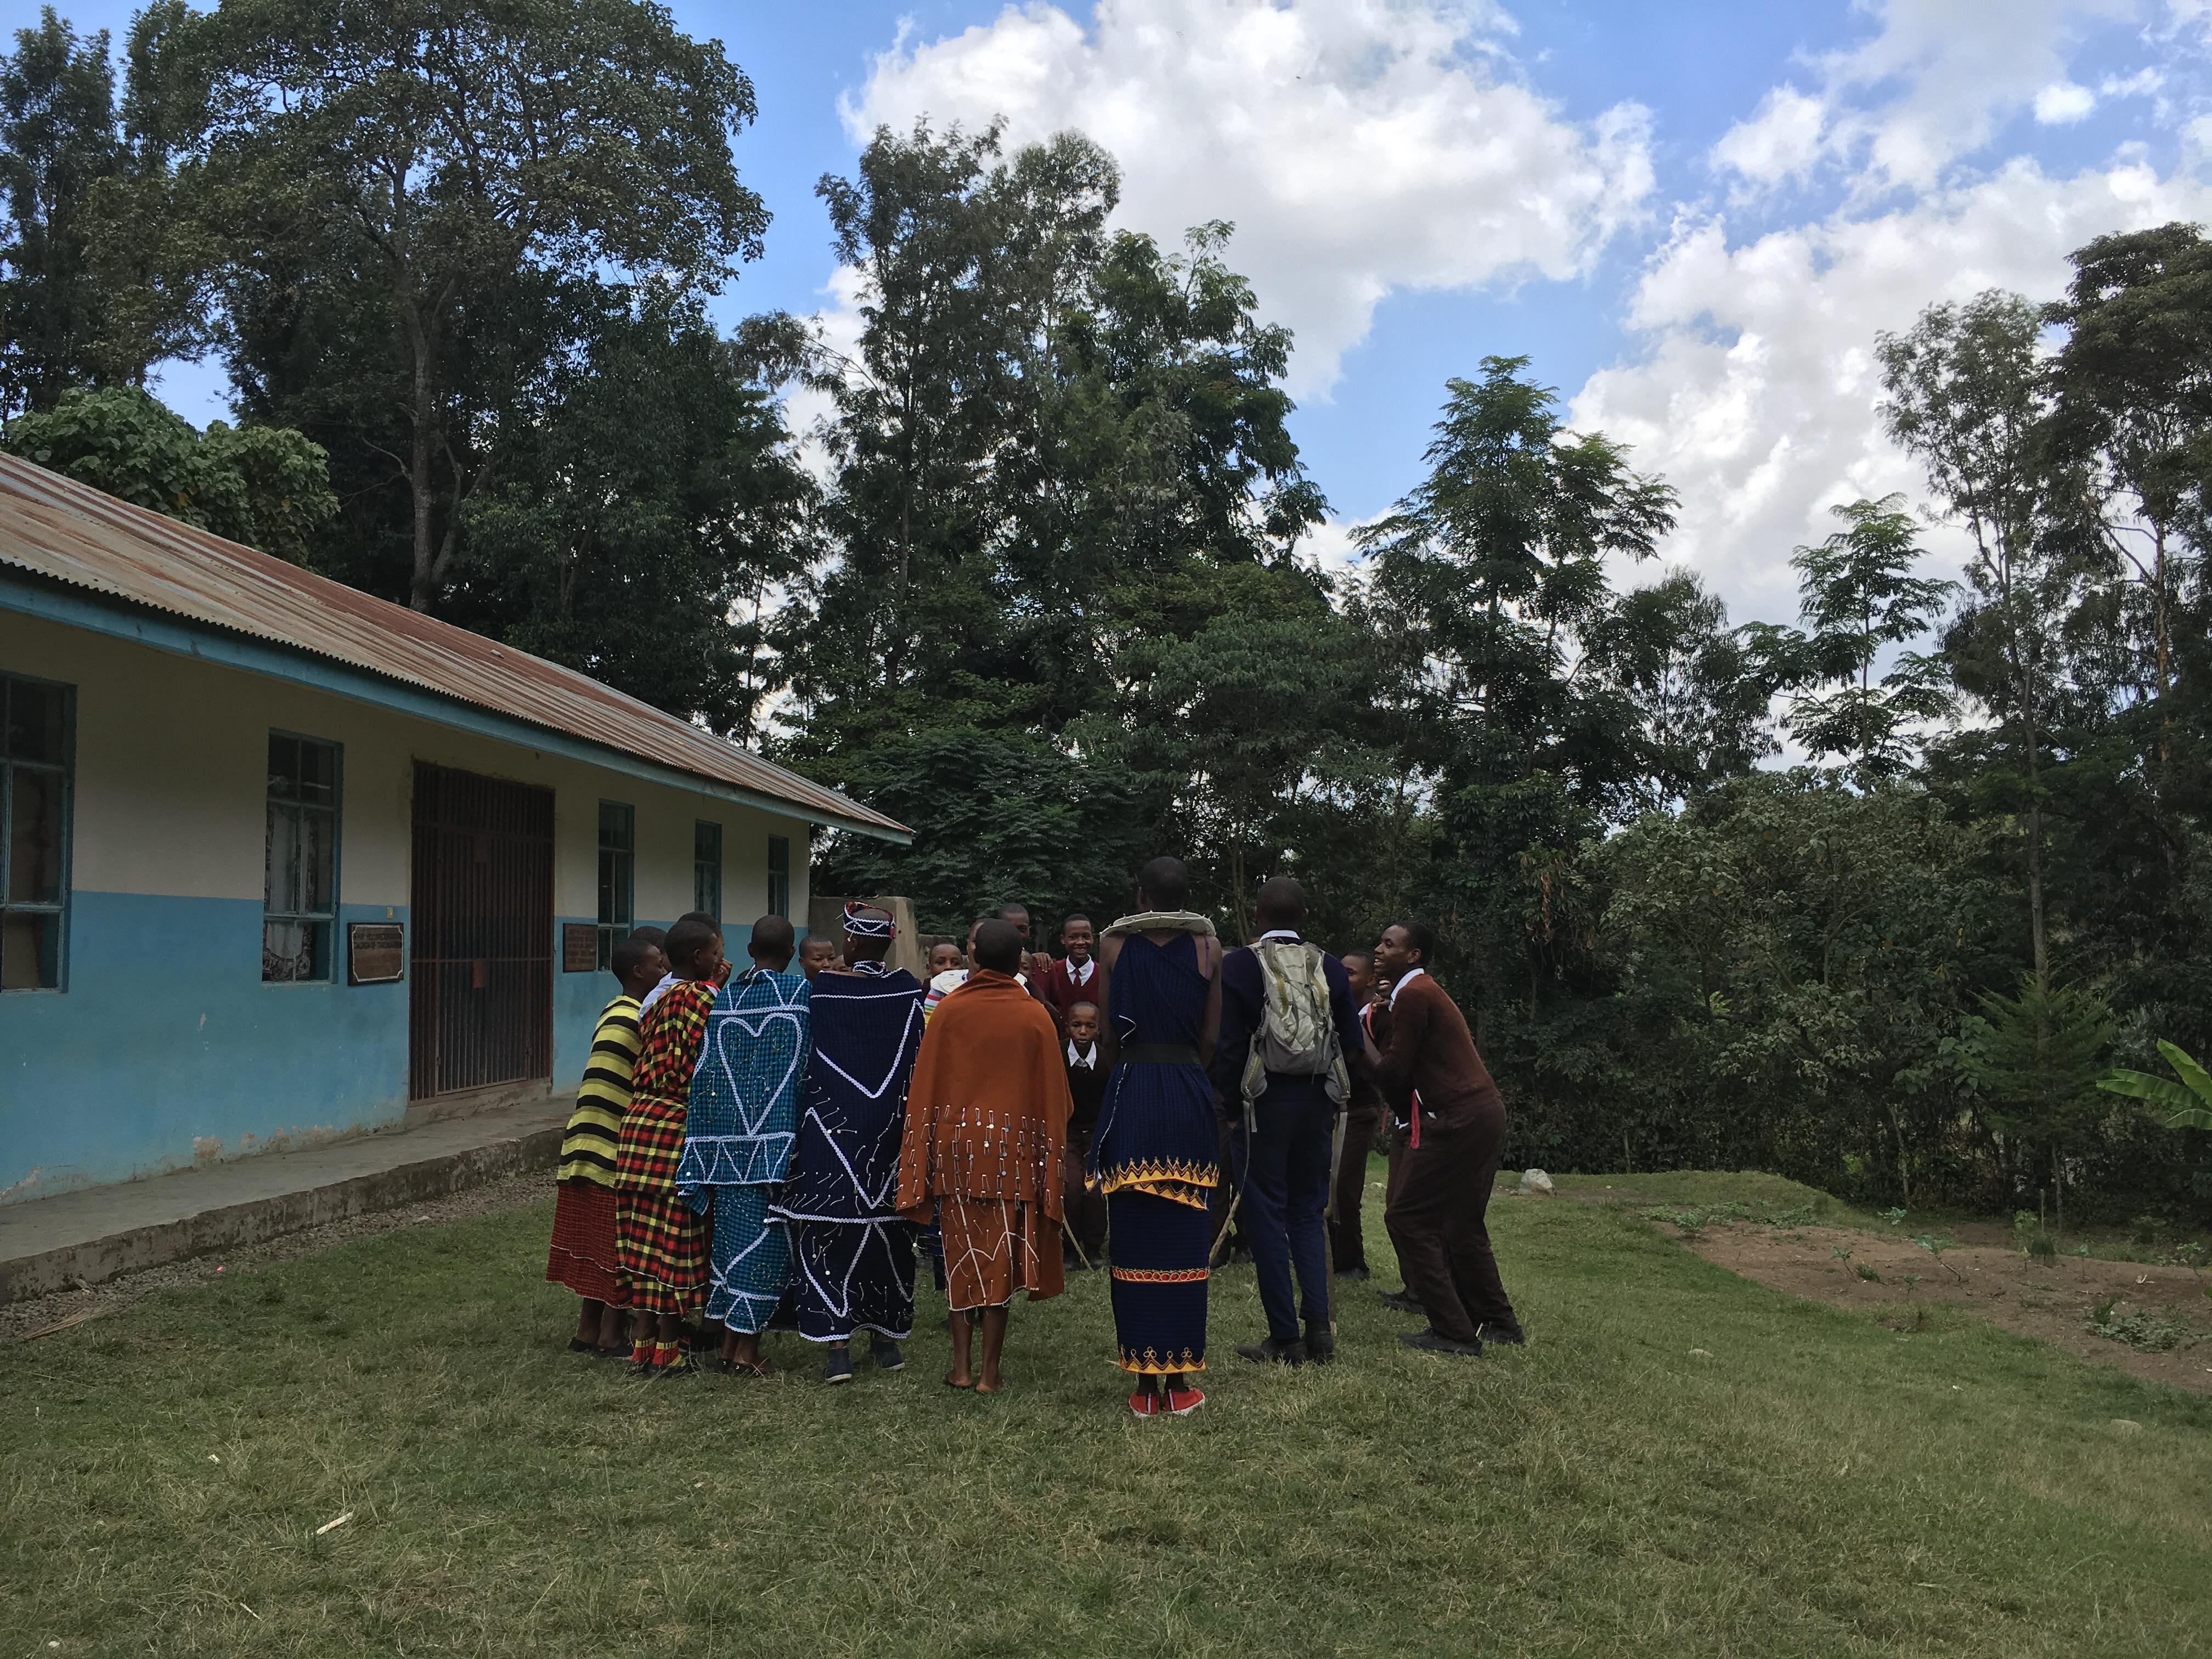 マサイ族の村でキャンプ!タンザニアで考えさせられた「命の重み」